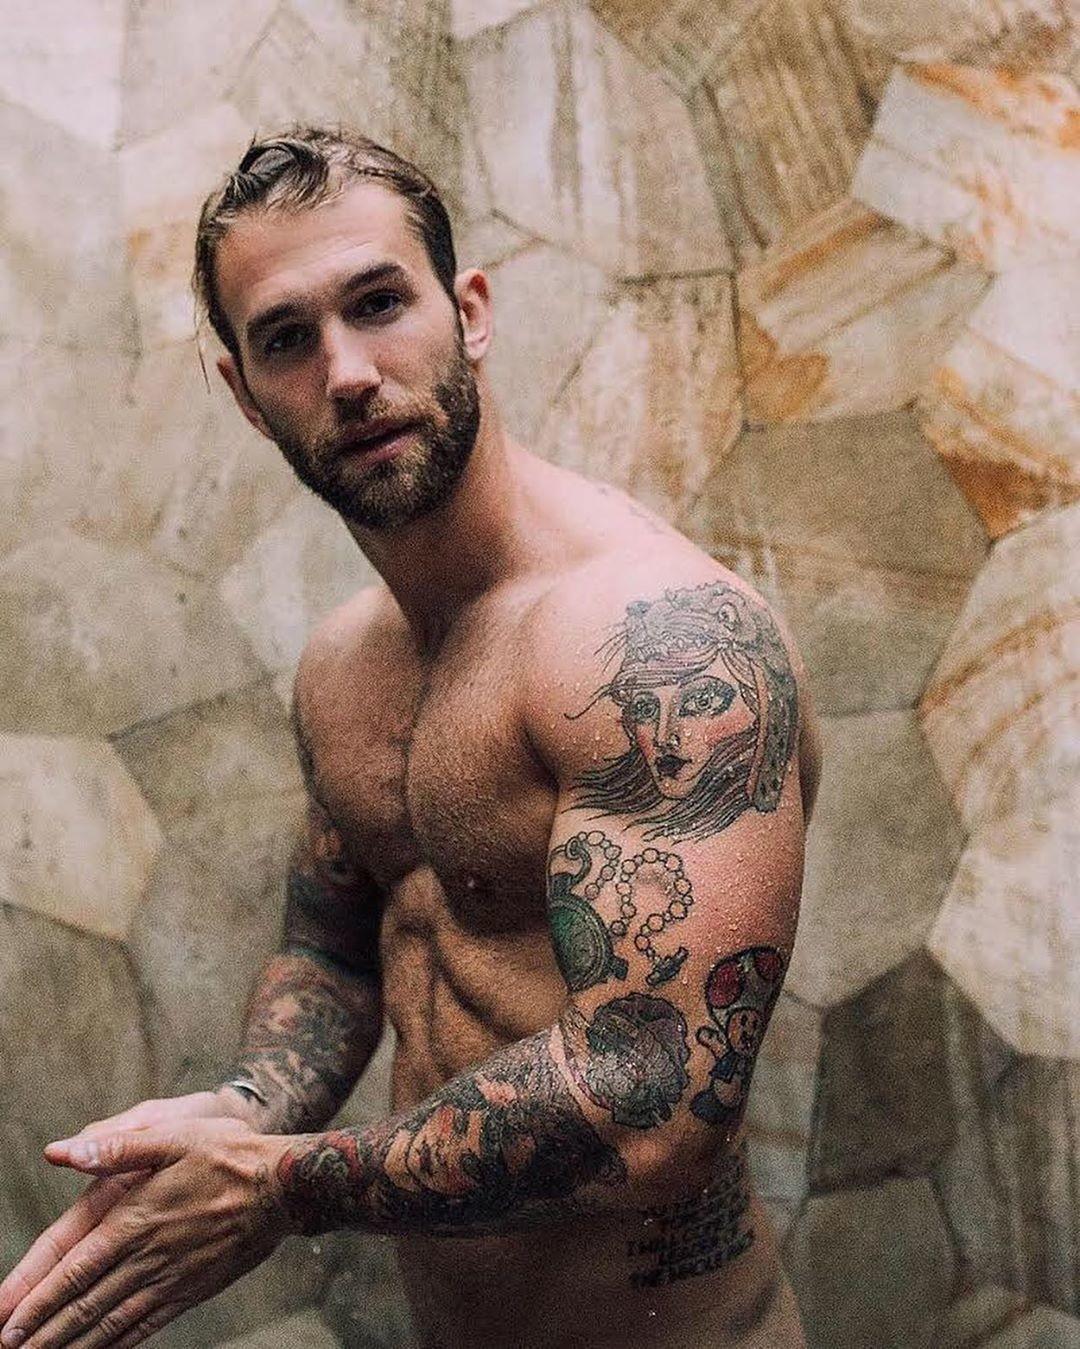 Si Buscas Inspiracion Para Un Nuevo Tatuaje En Los Brazos Estos 11 Hombres Tatuados Te Daran Nuevas Ideas Hoja de plata tatuaje temporal. brazos estos 11 hombres tatuados